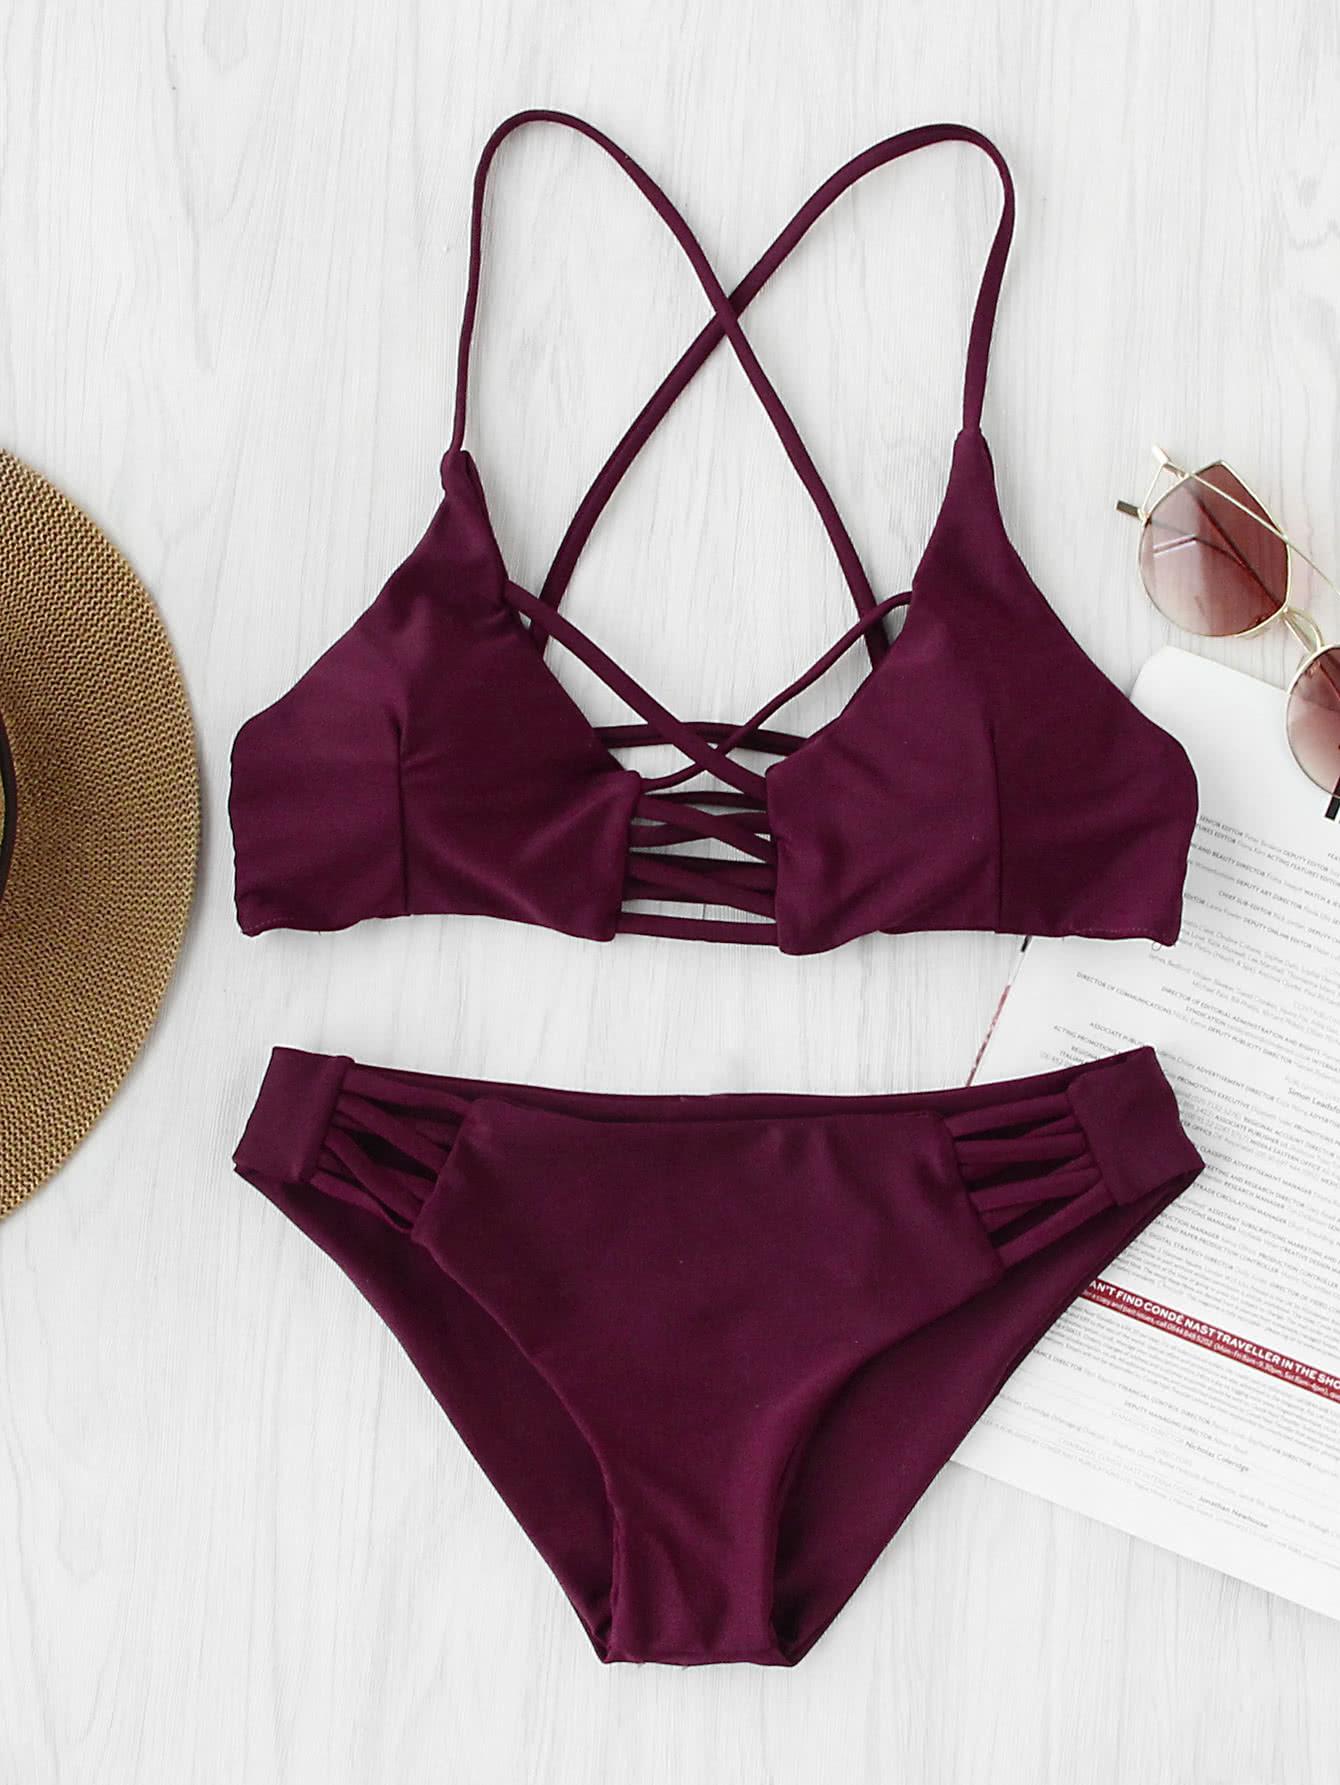 Criss Cross Cutout Beach Bikini Set swimwear170526314